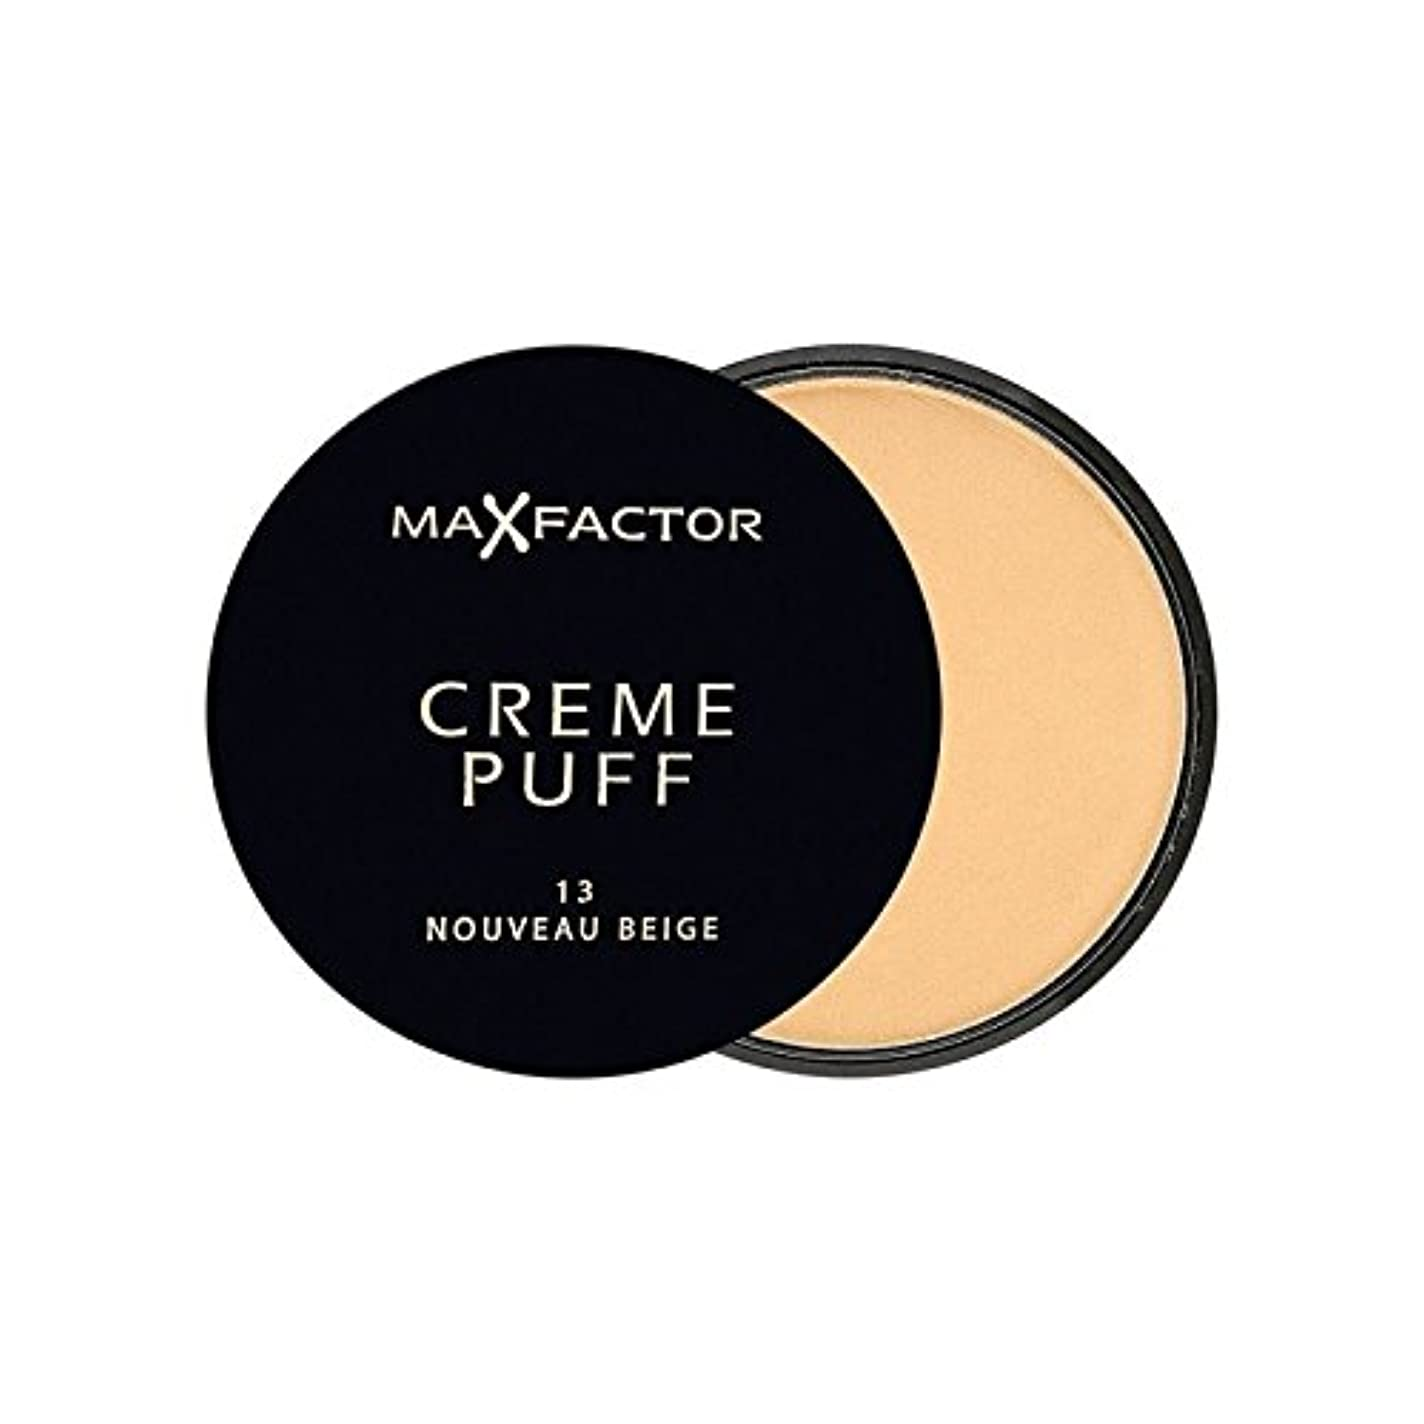 オーバーフロー面倒幻想マックスファクタークリームパフ粉末コンパクトヌーボーベージュ13 x4 - Max Factor Creme Puff Powder Compact Nouveau Beige 13 (Pack of 4) [並行輸入品]